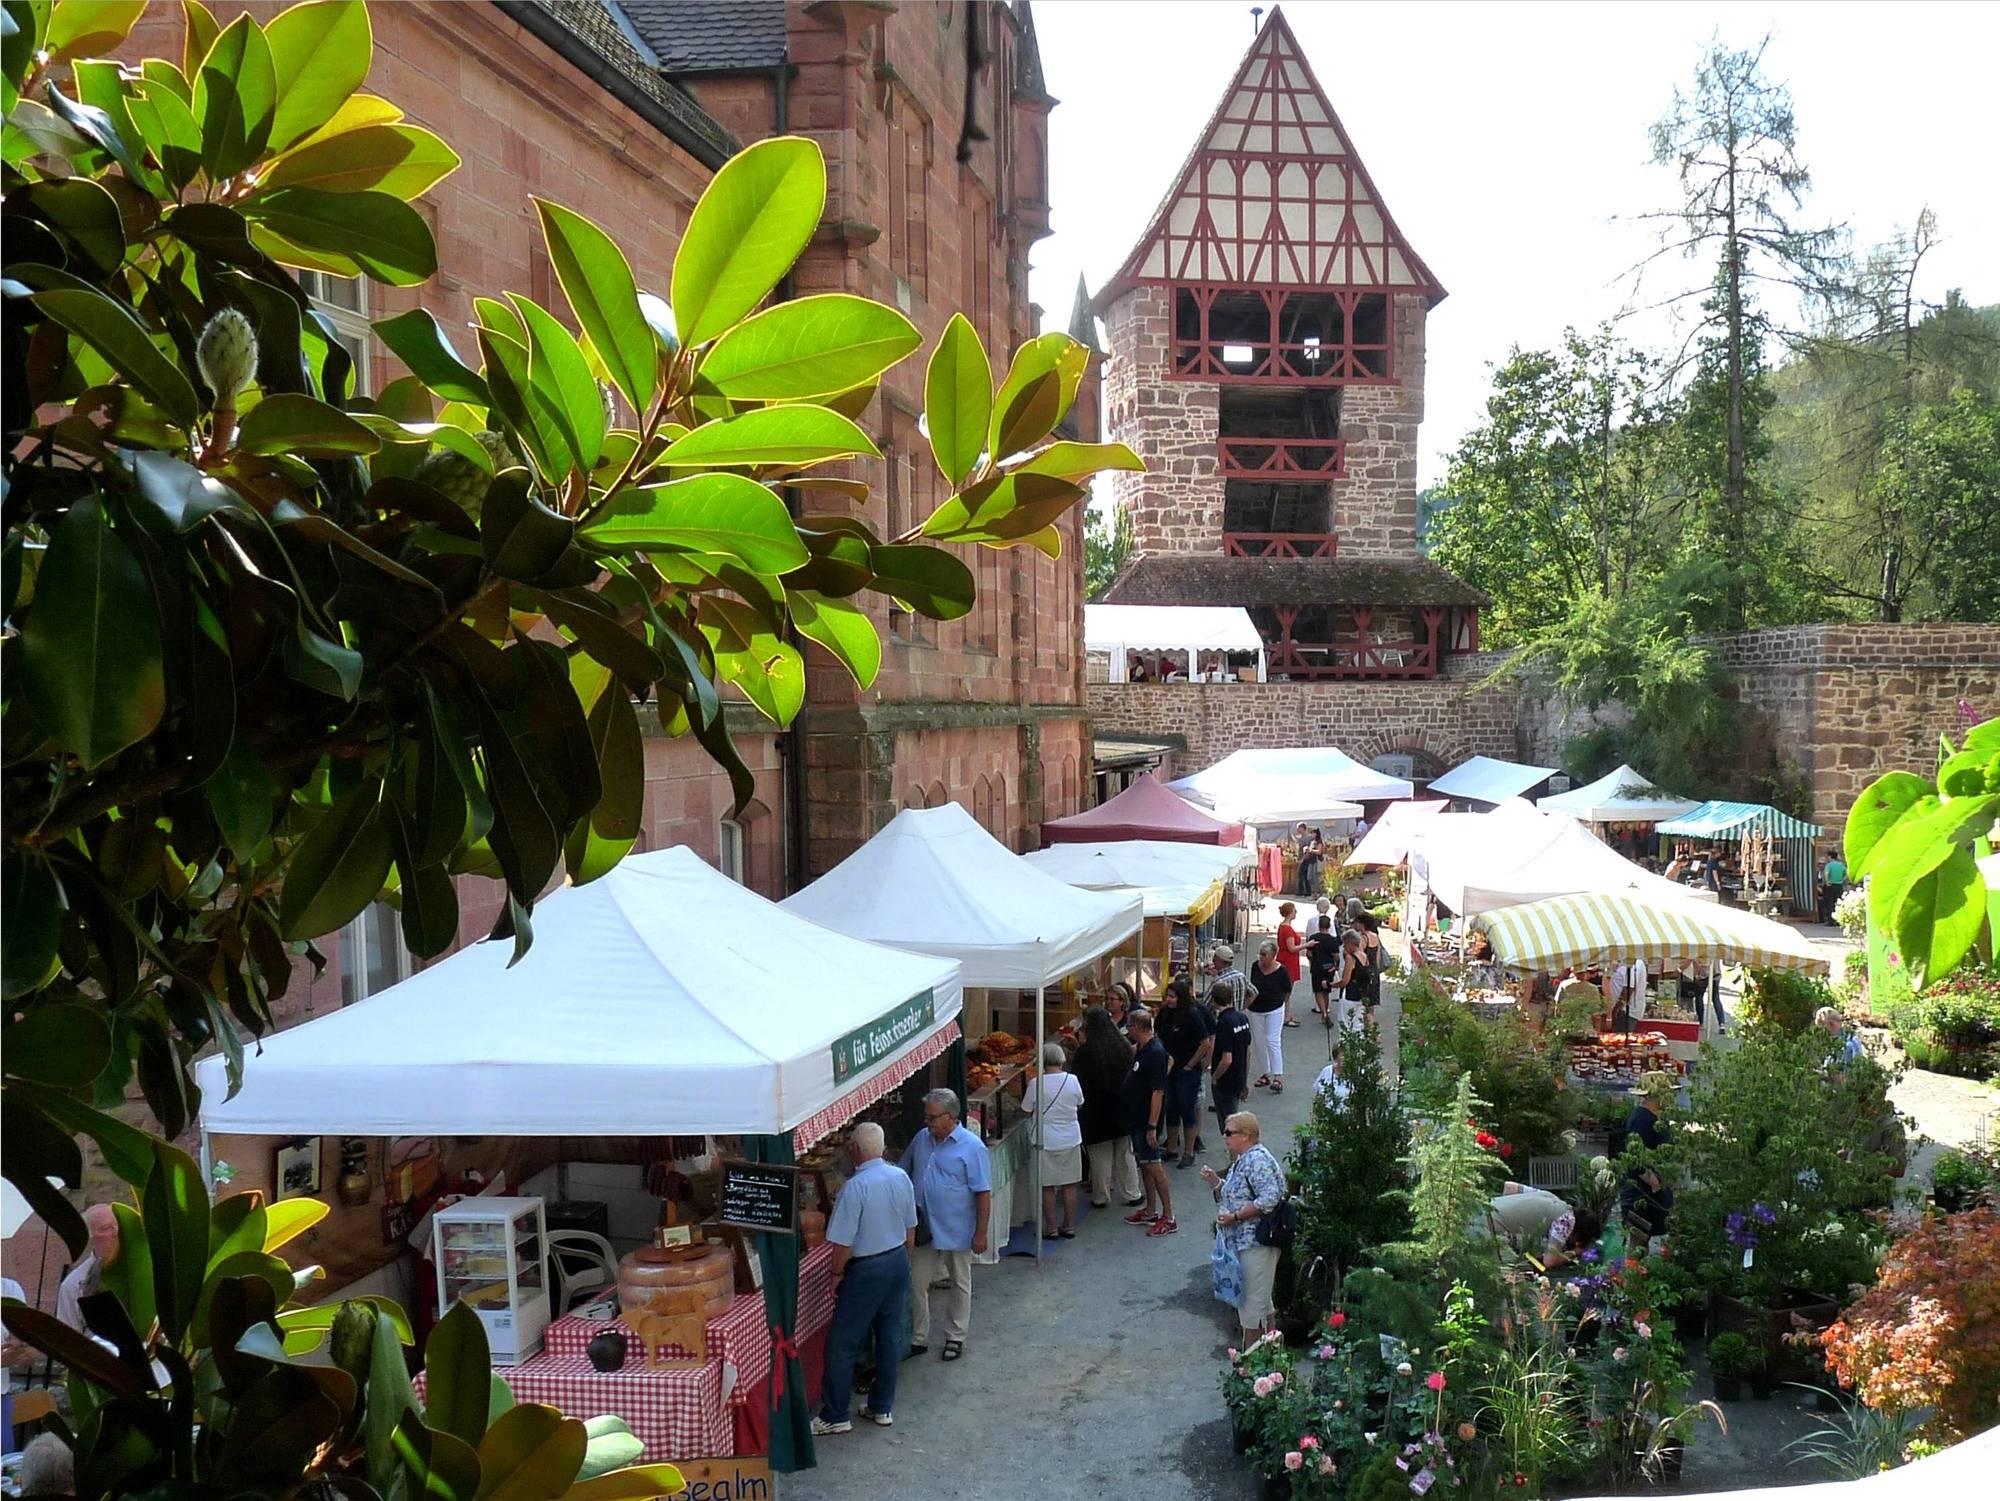 Zwingenberg Bunter Gartenmarkt Bei Kaiserwetter Eberbach Rhein